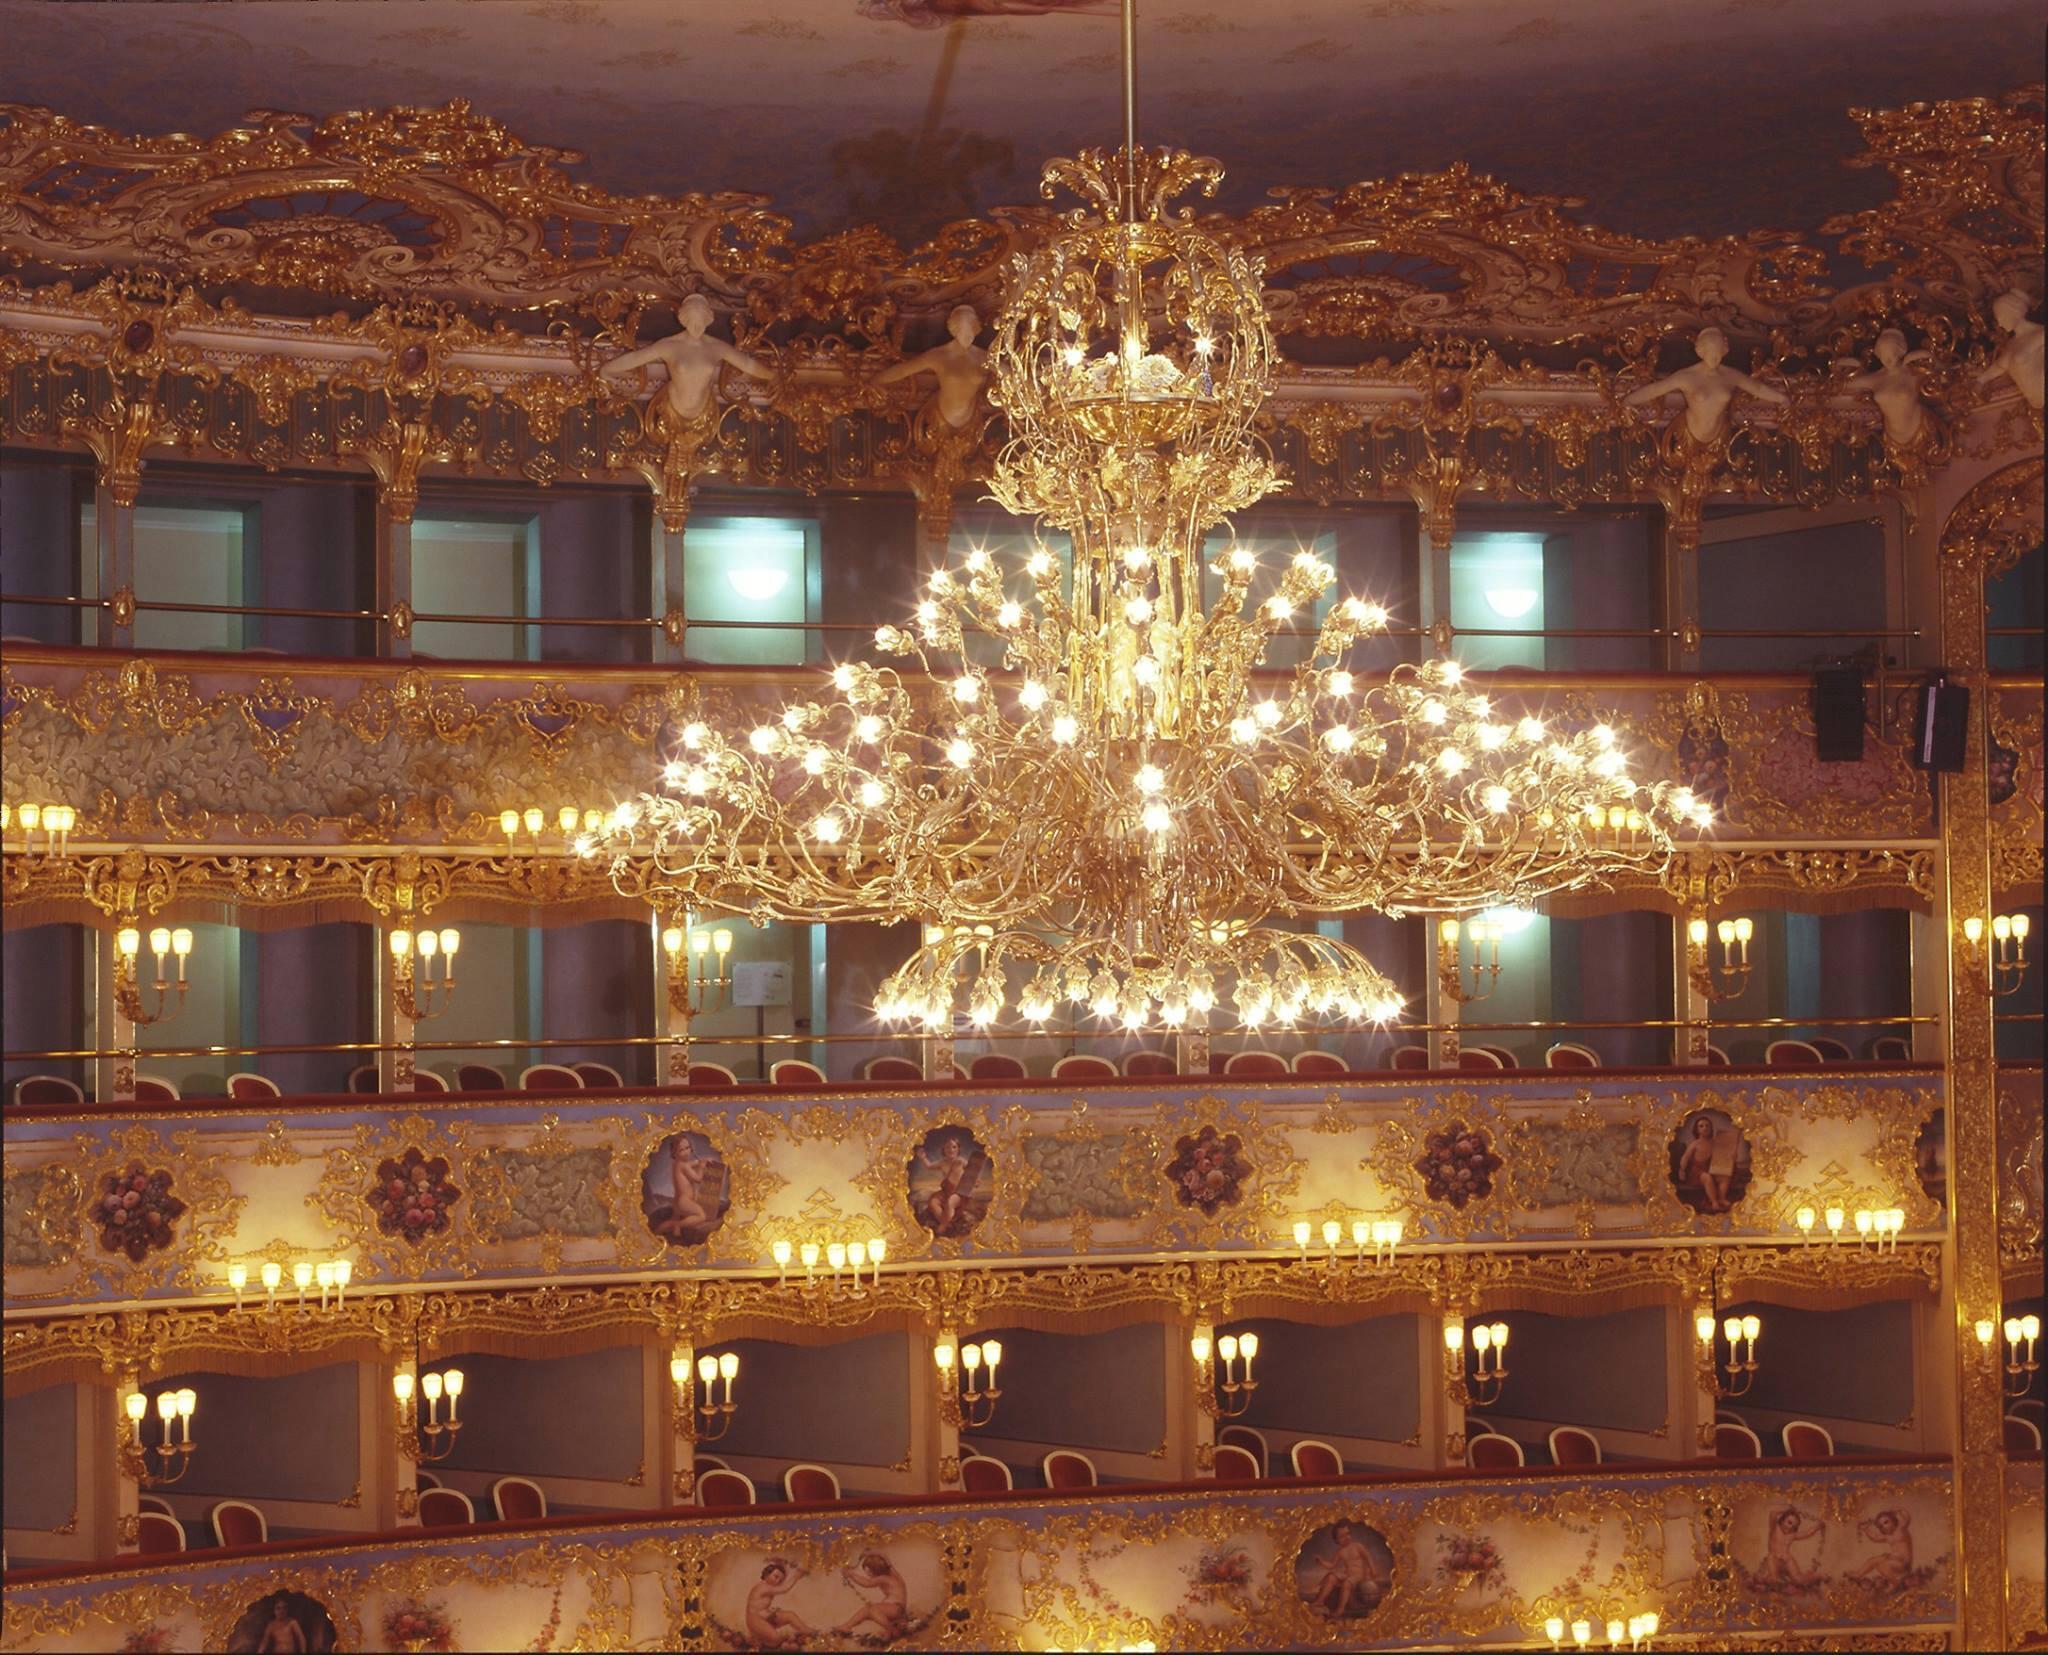 RT @teatrolafenice: La Fenice big chandelier on the Sky http://t.co/ZdSpzaas99